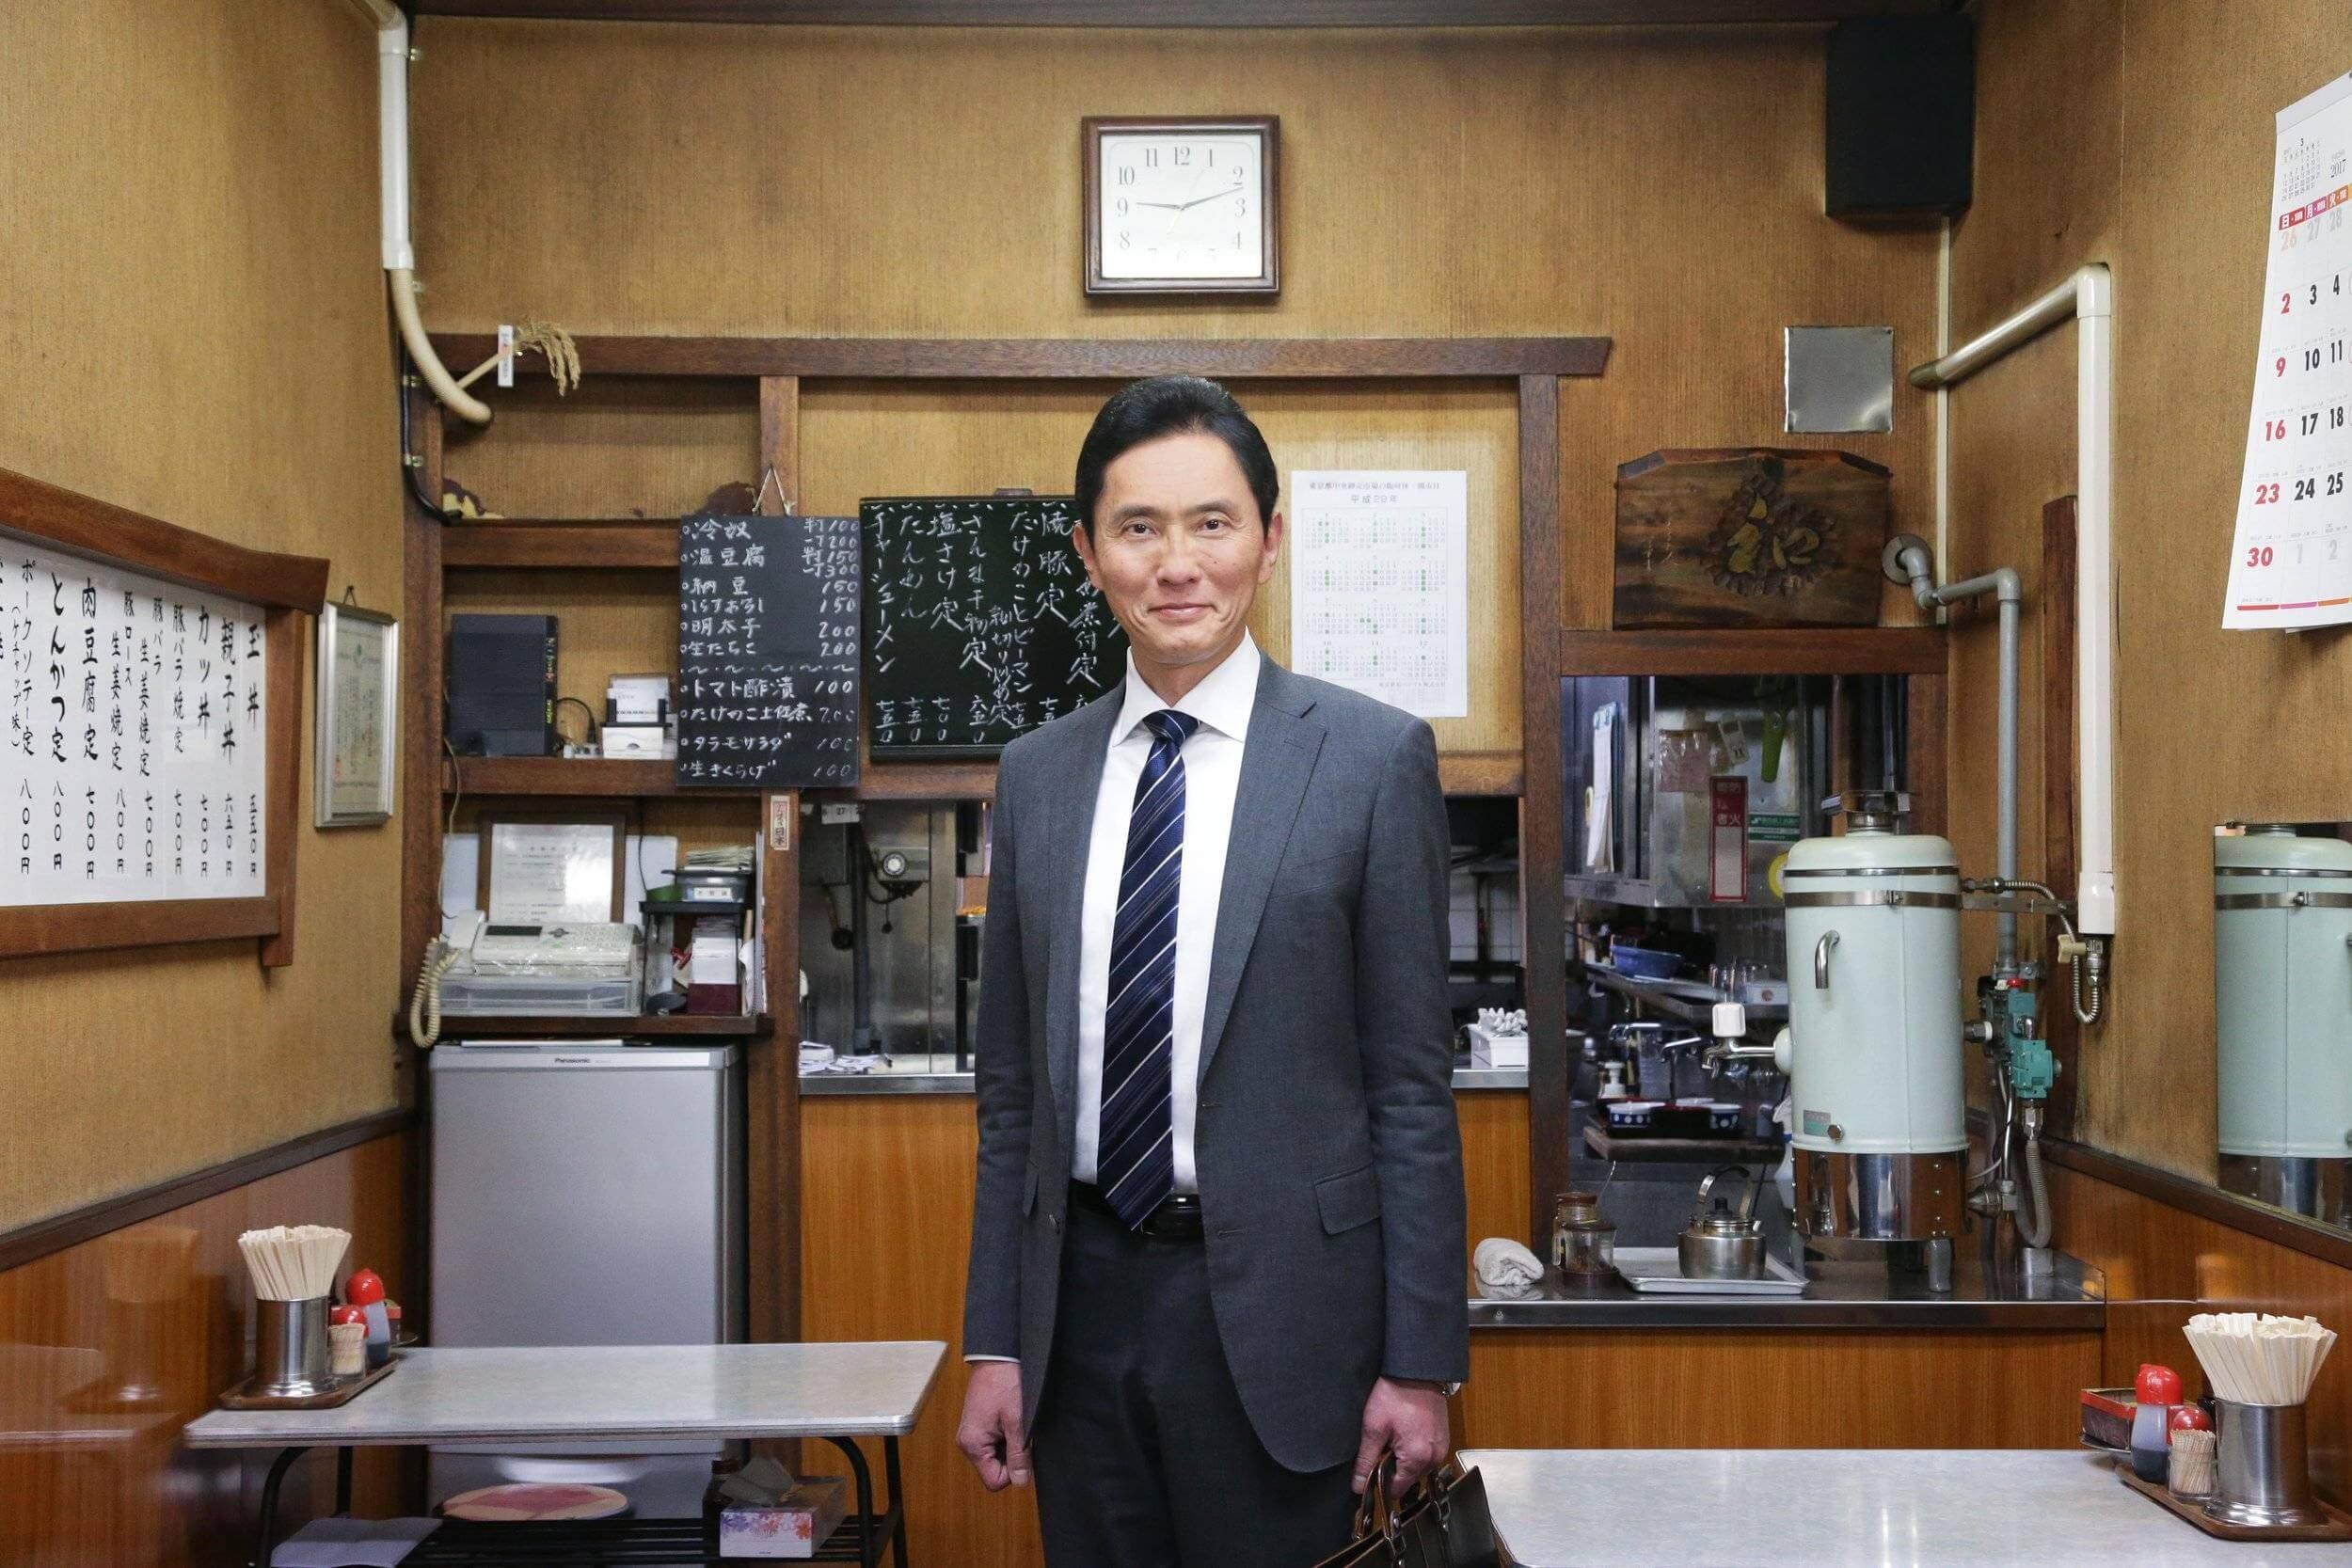 KKTV中日文雙字幕輕鬆切換  看日劇學日文好簡單